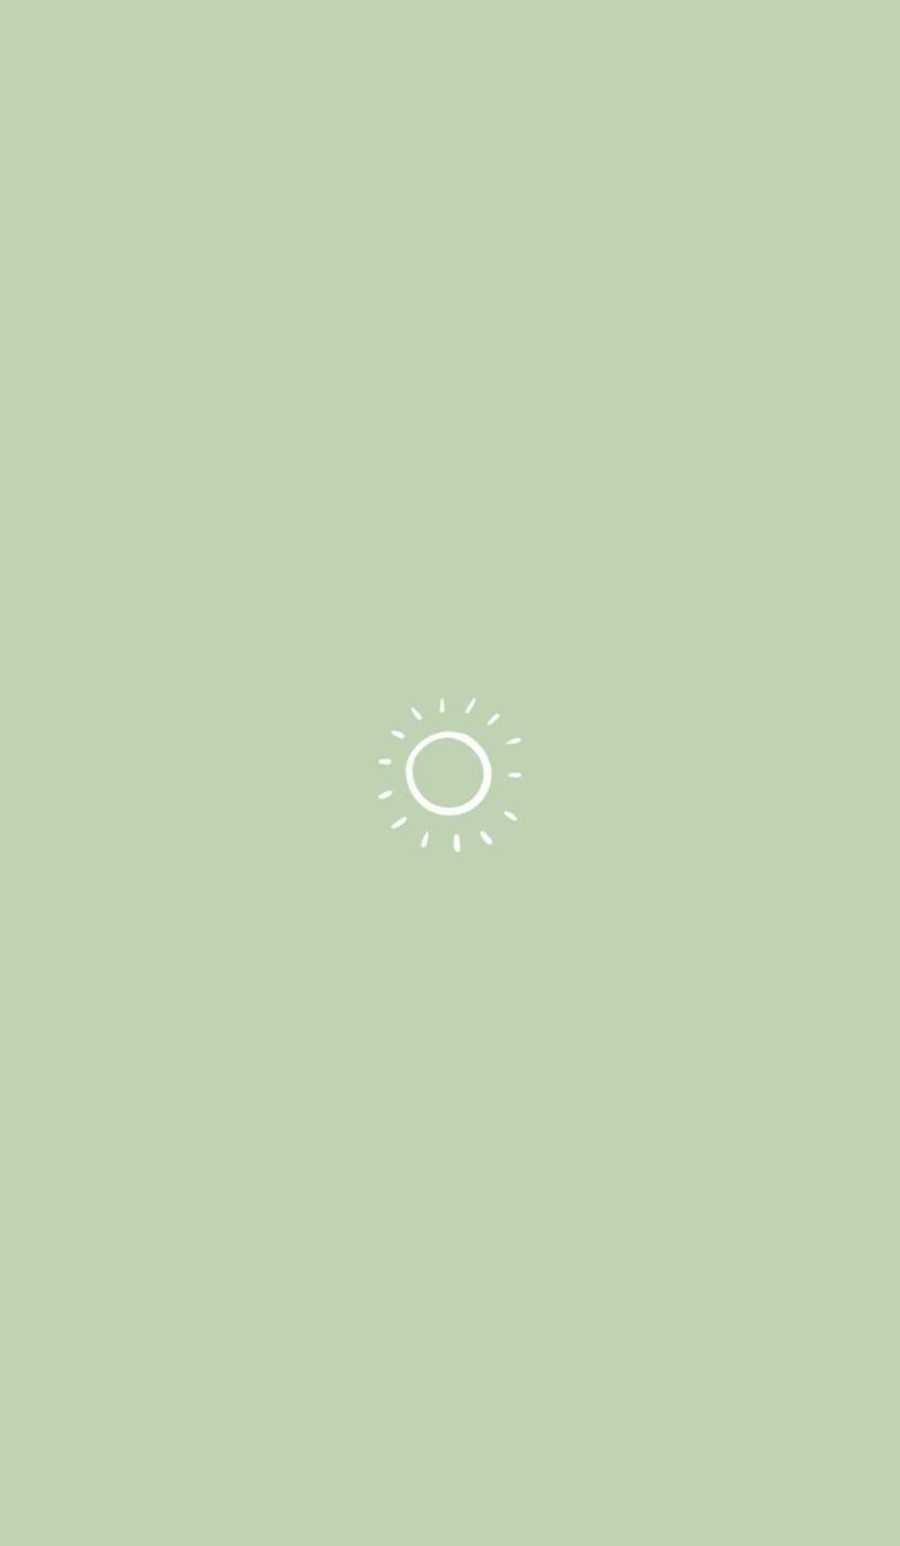 Hình nền thẩm mỹ màu xanh lá cây Sage 900x1546